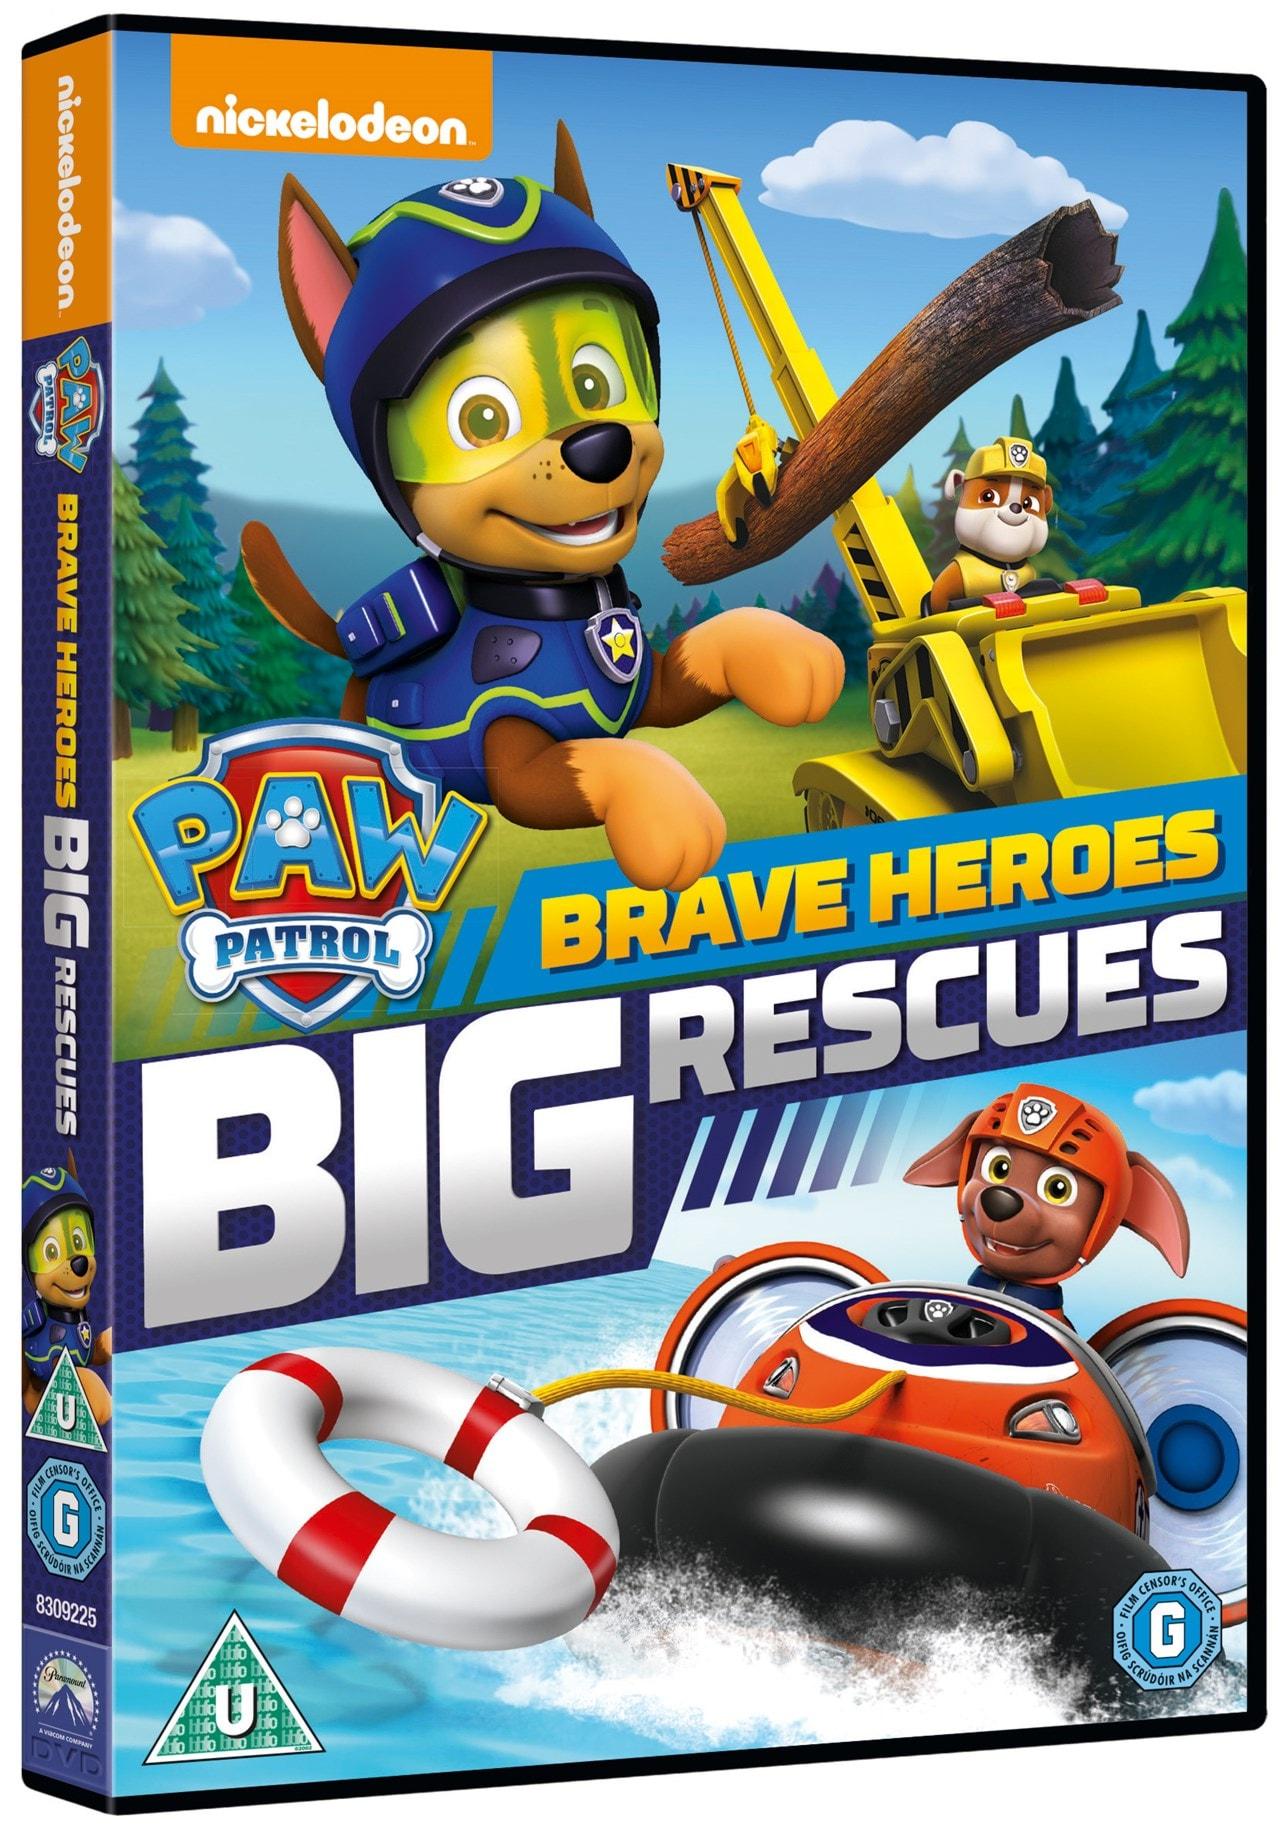 Paw Patrol: Brave Heroes, Big Rescues - 1